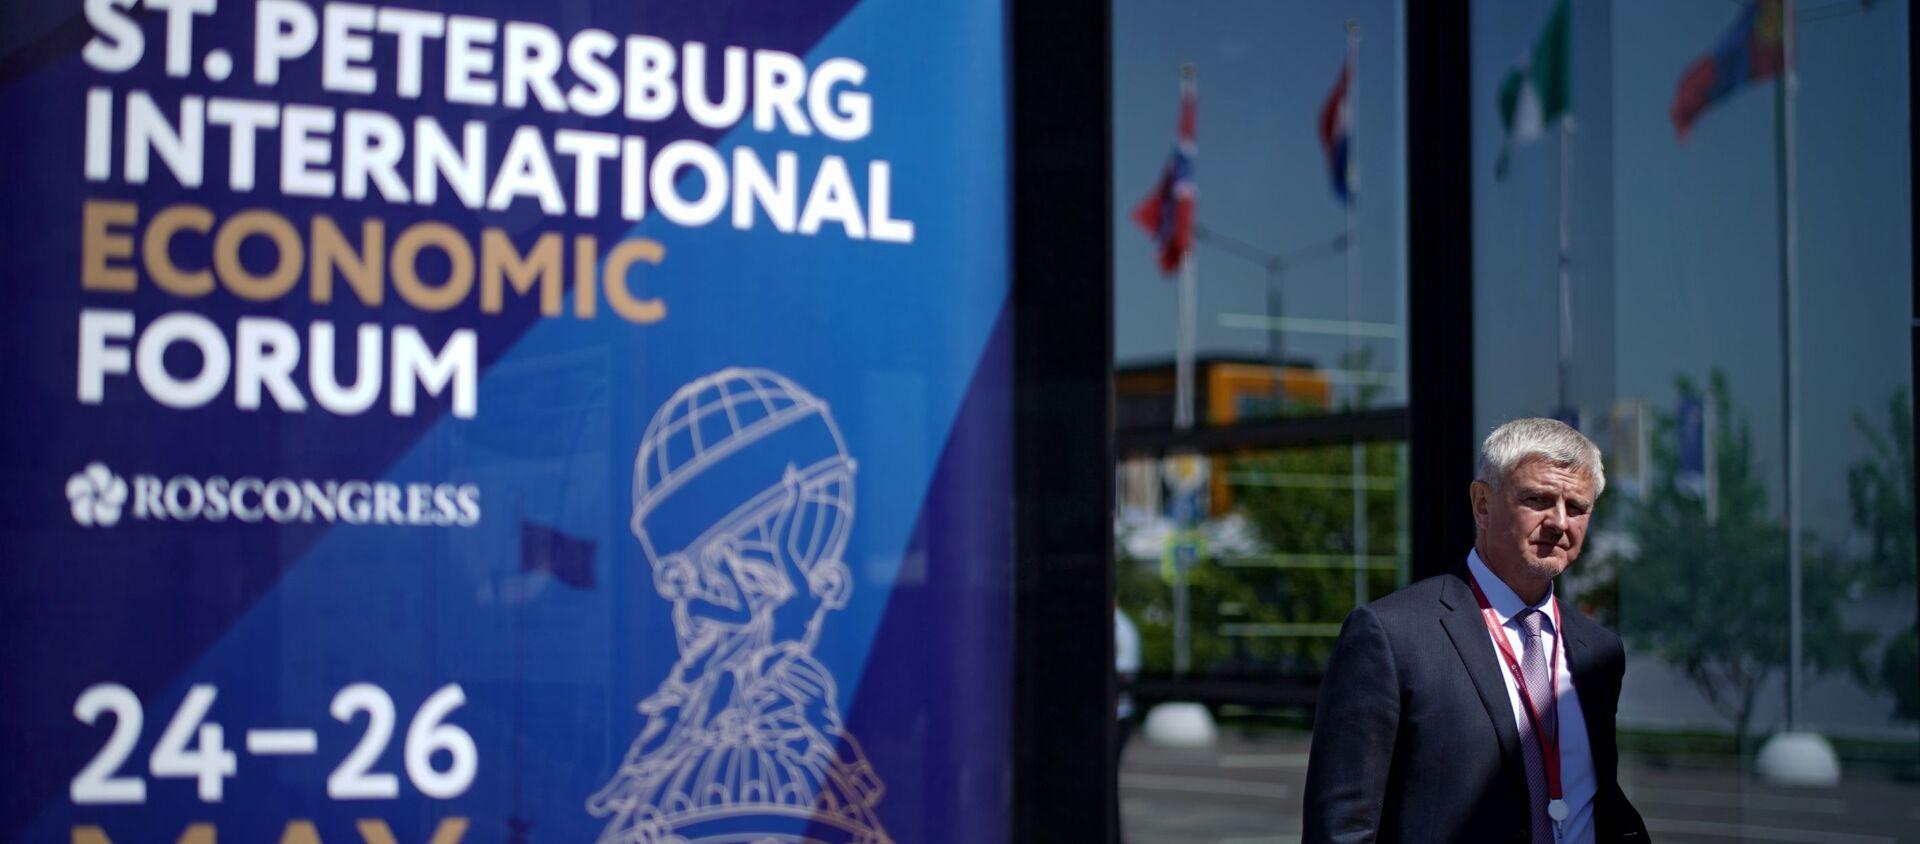 Петербургский международный экономический форум. День второй - Sputnik Южная Осетия, 1920, 02.06.2019